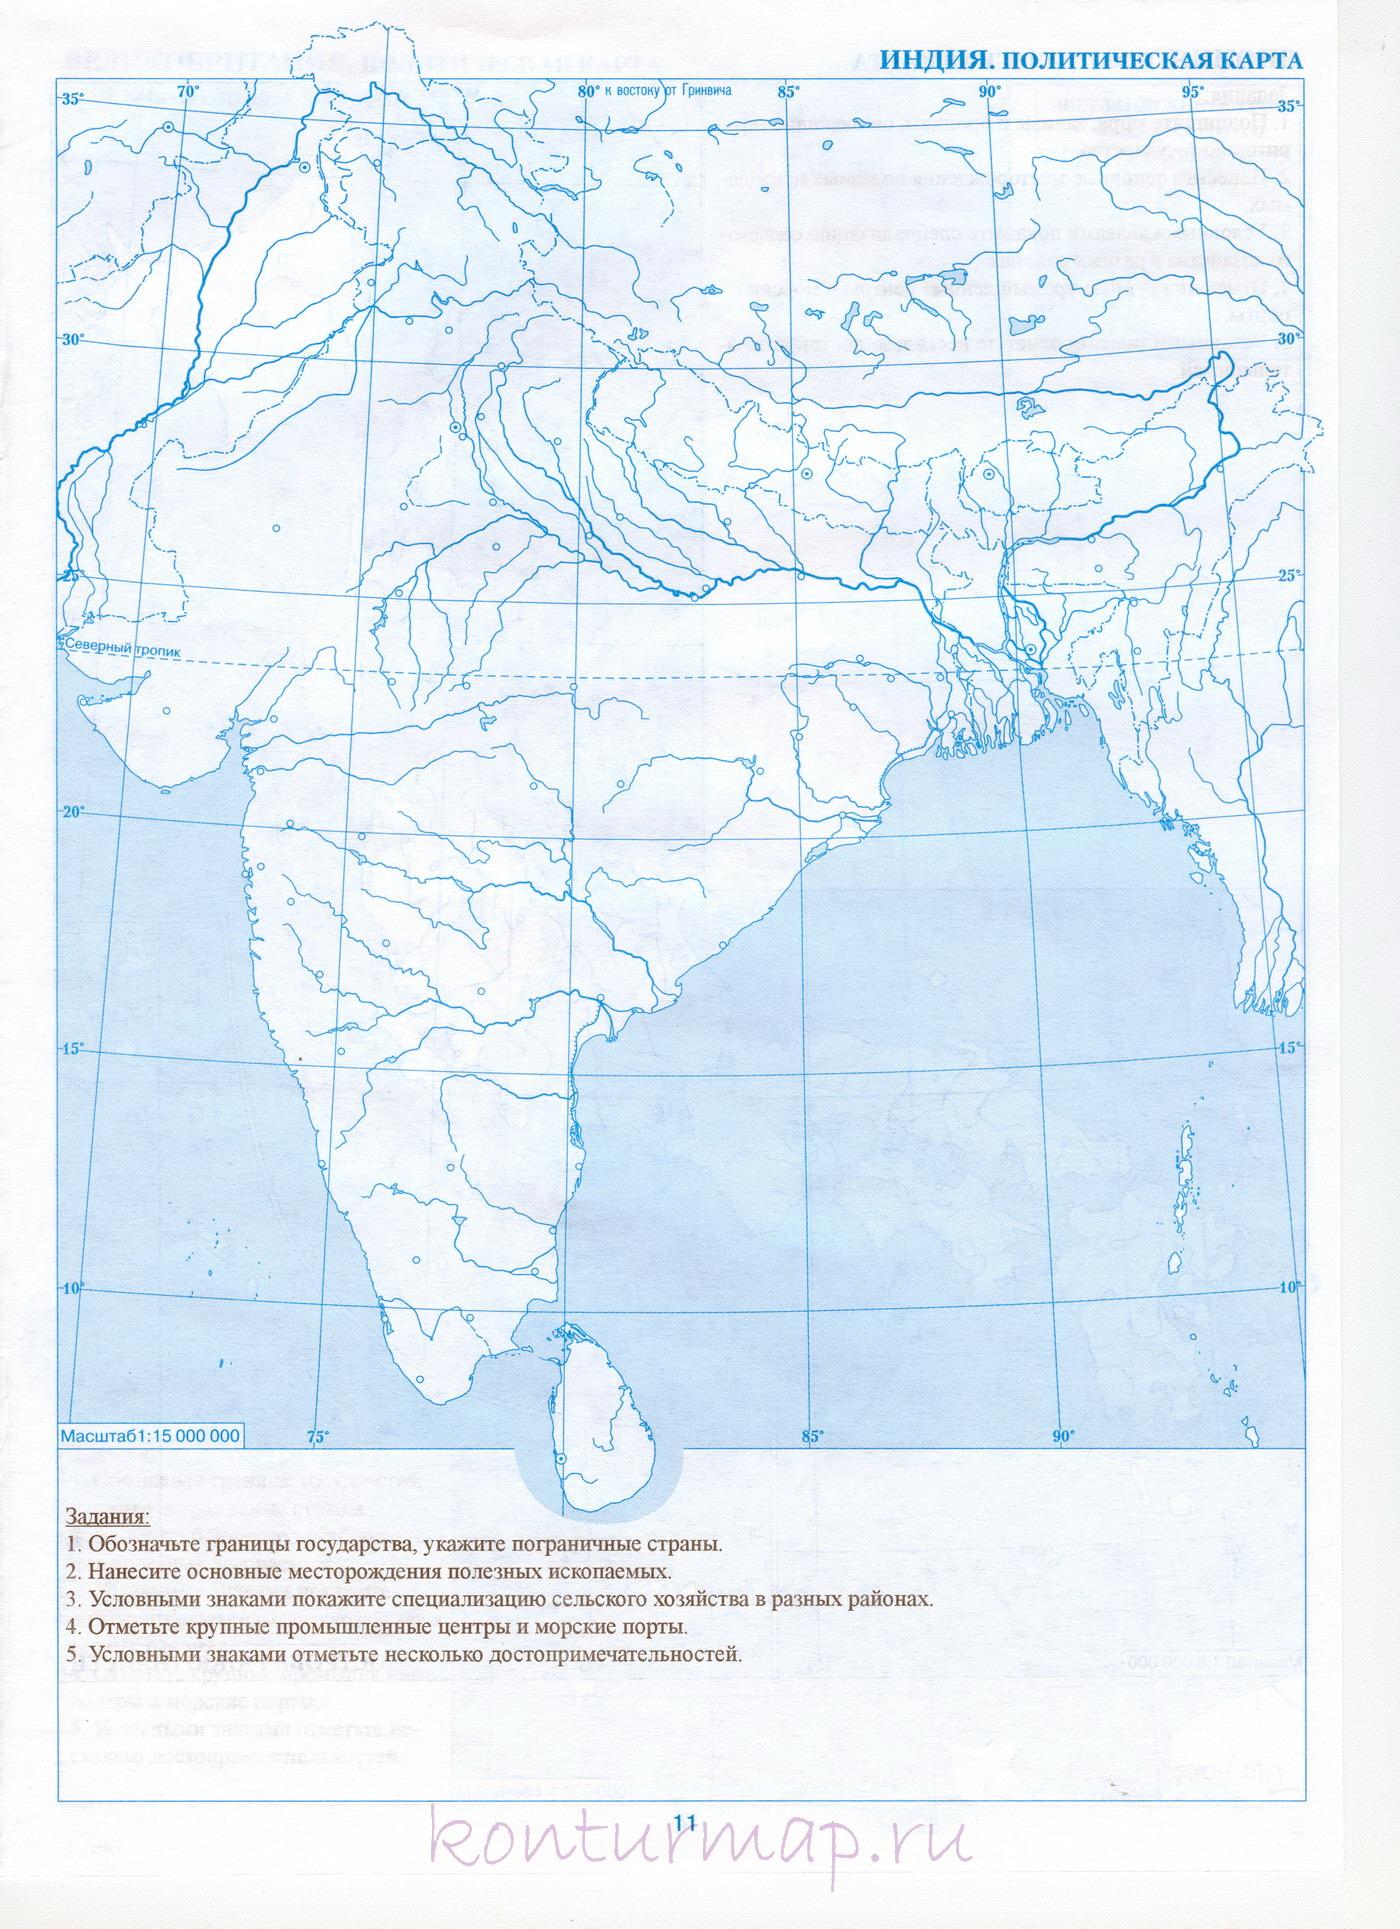 Природоведение 5 класс контурные карты распечатать скачать